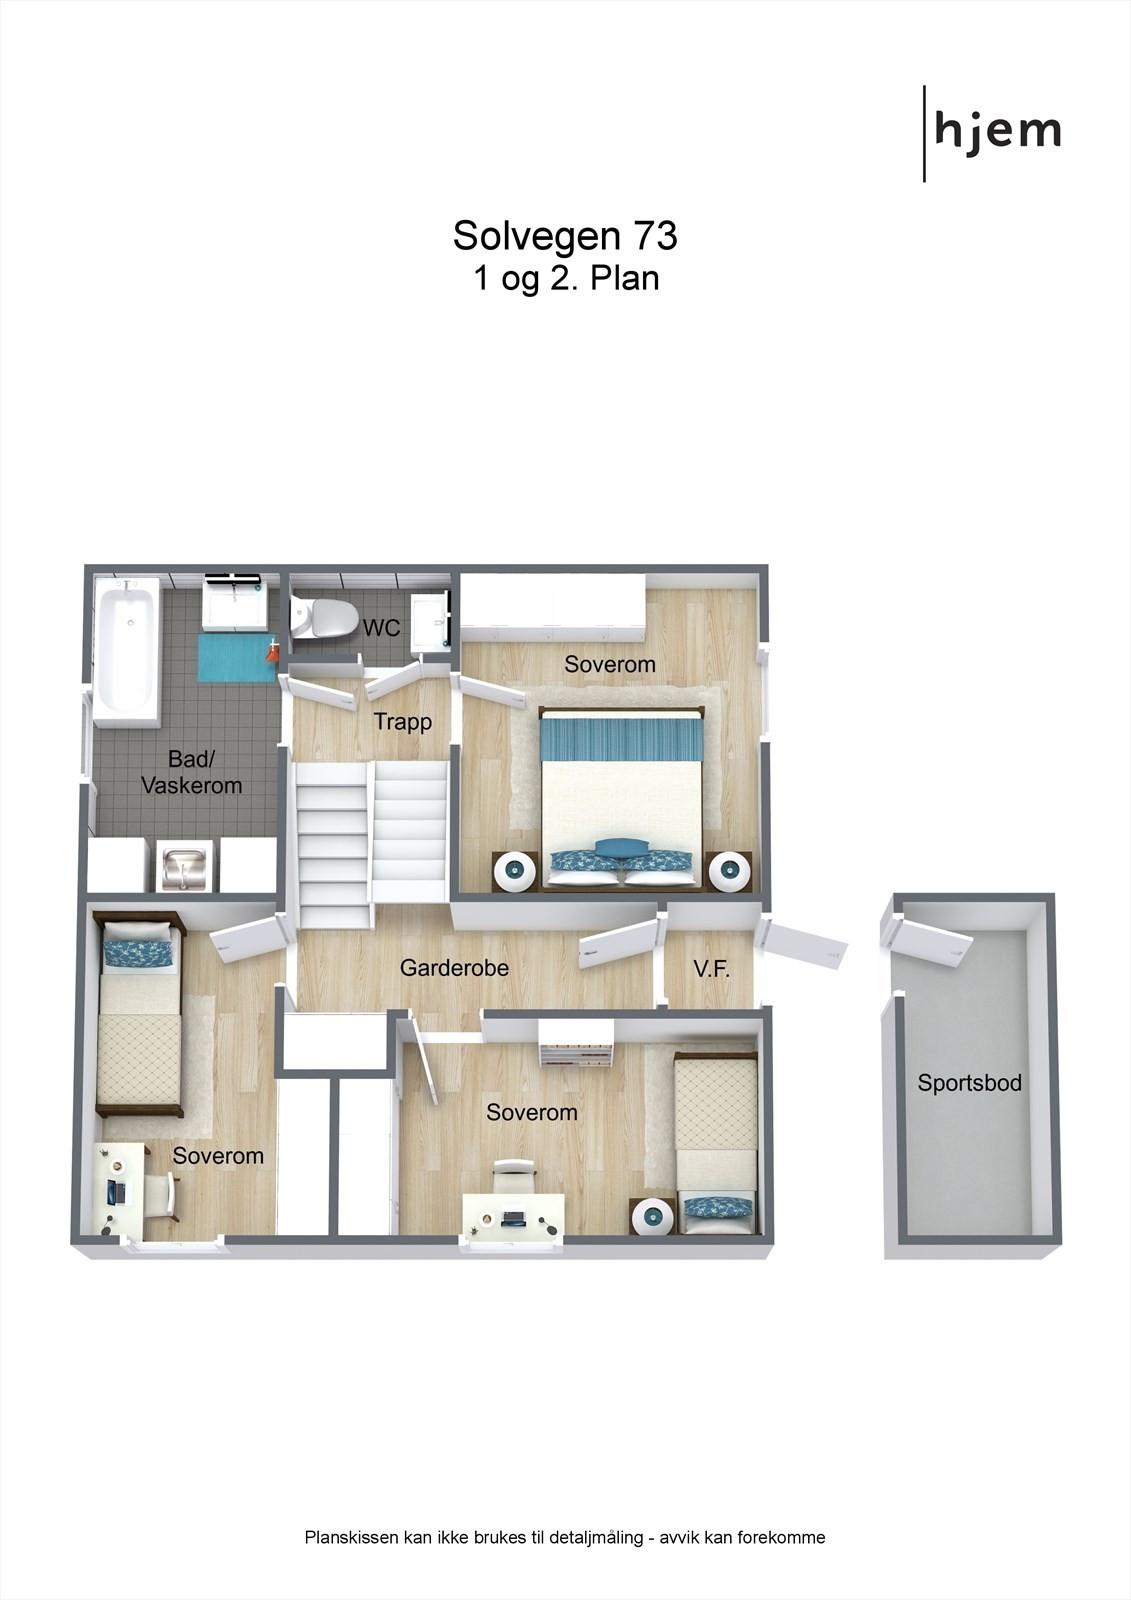 Floorplan letterhead - Solvegen 73 - 1 og 2. Plan - 3D Floor Plan.jpg